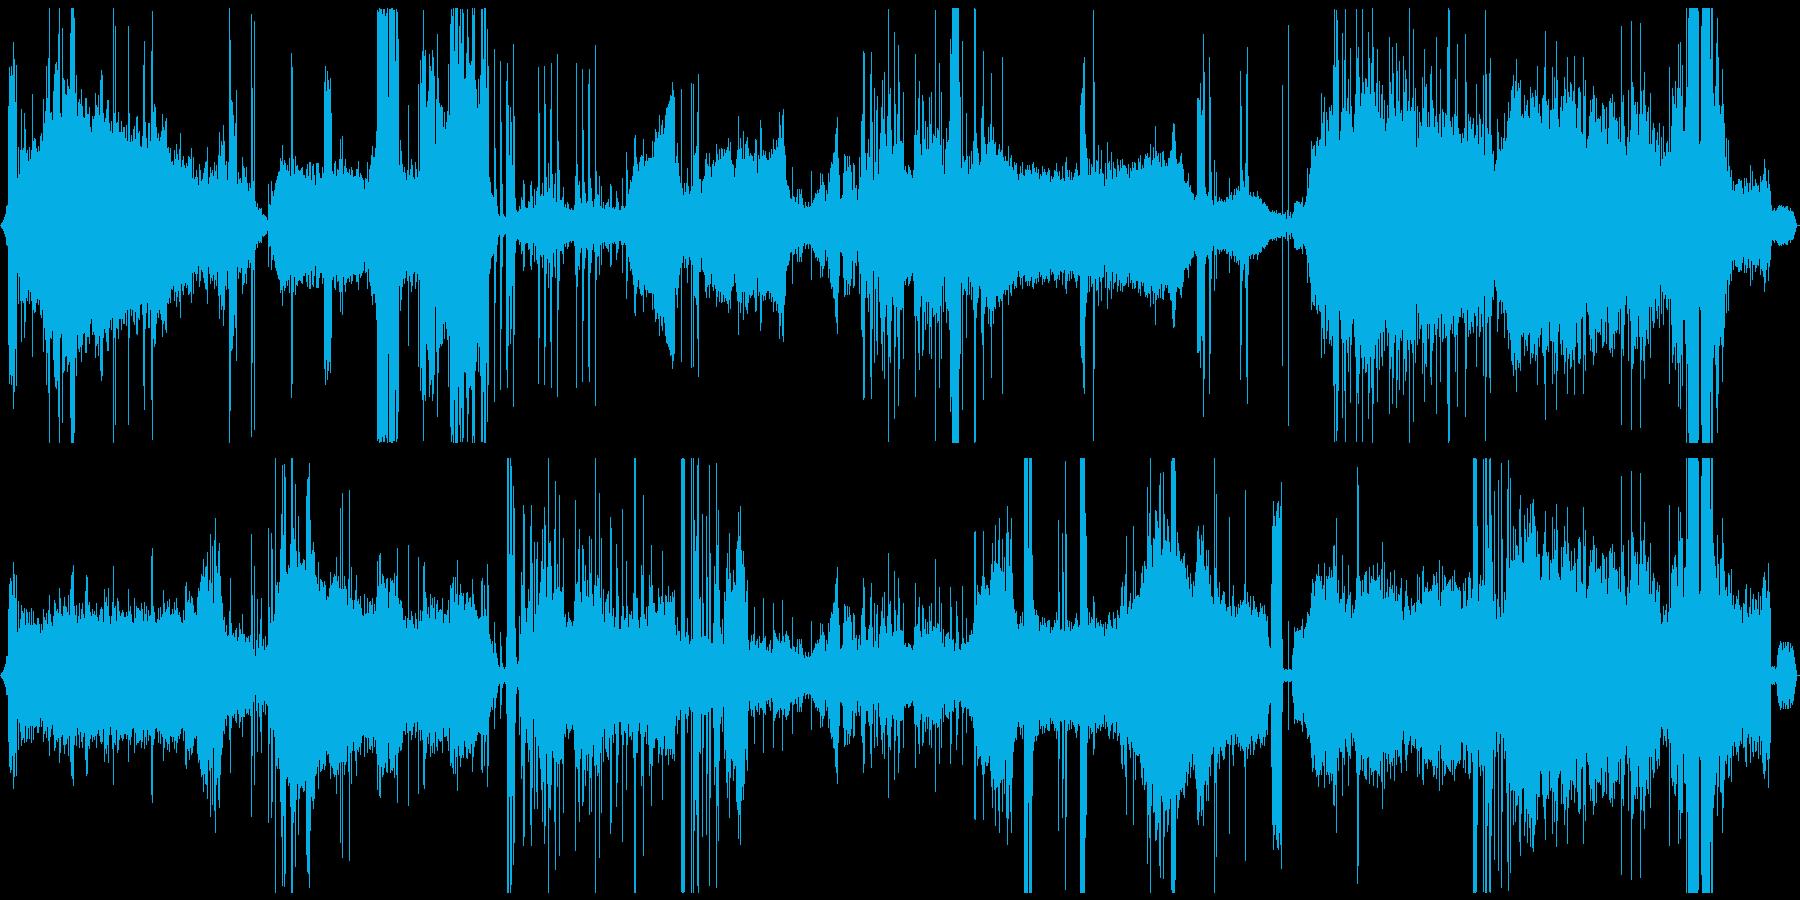 スチームパンクな工場や作業の環境音の再生済みの波形